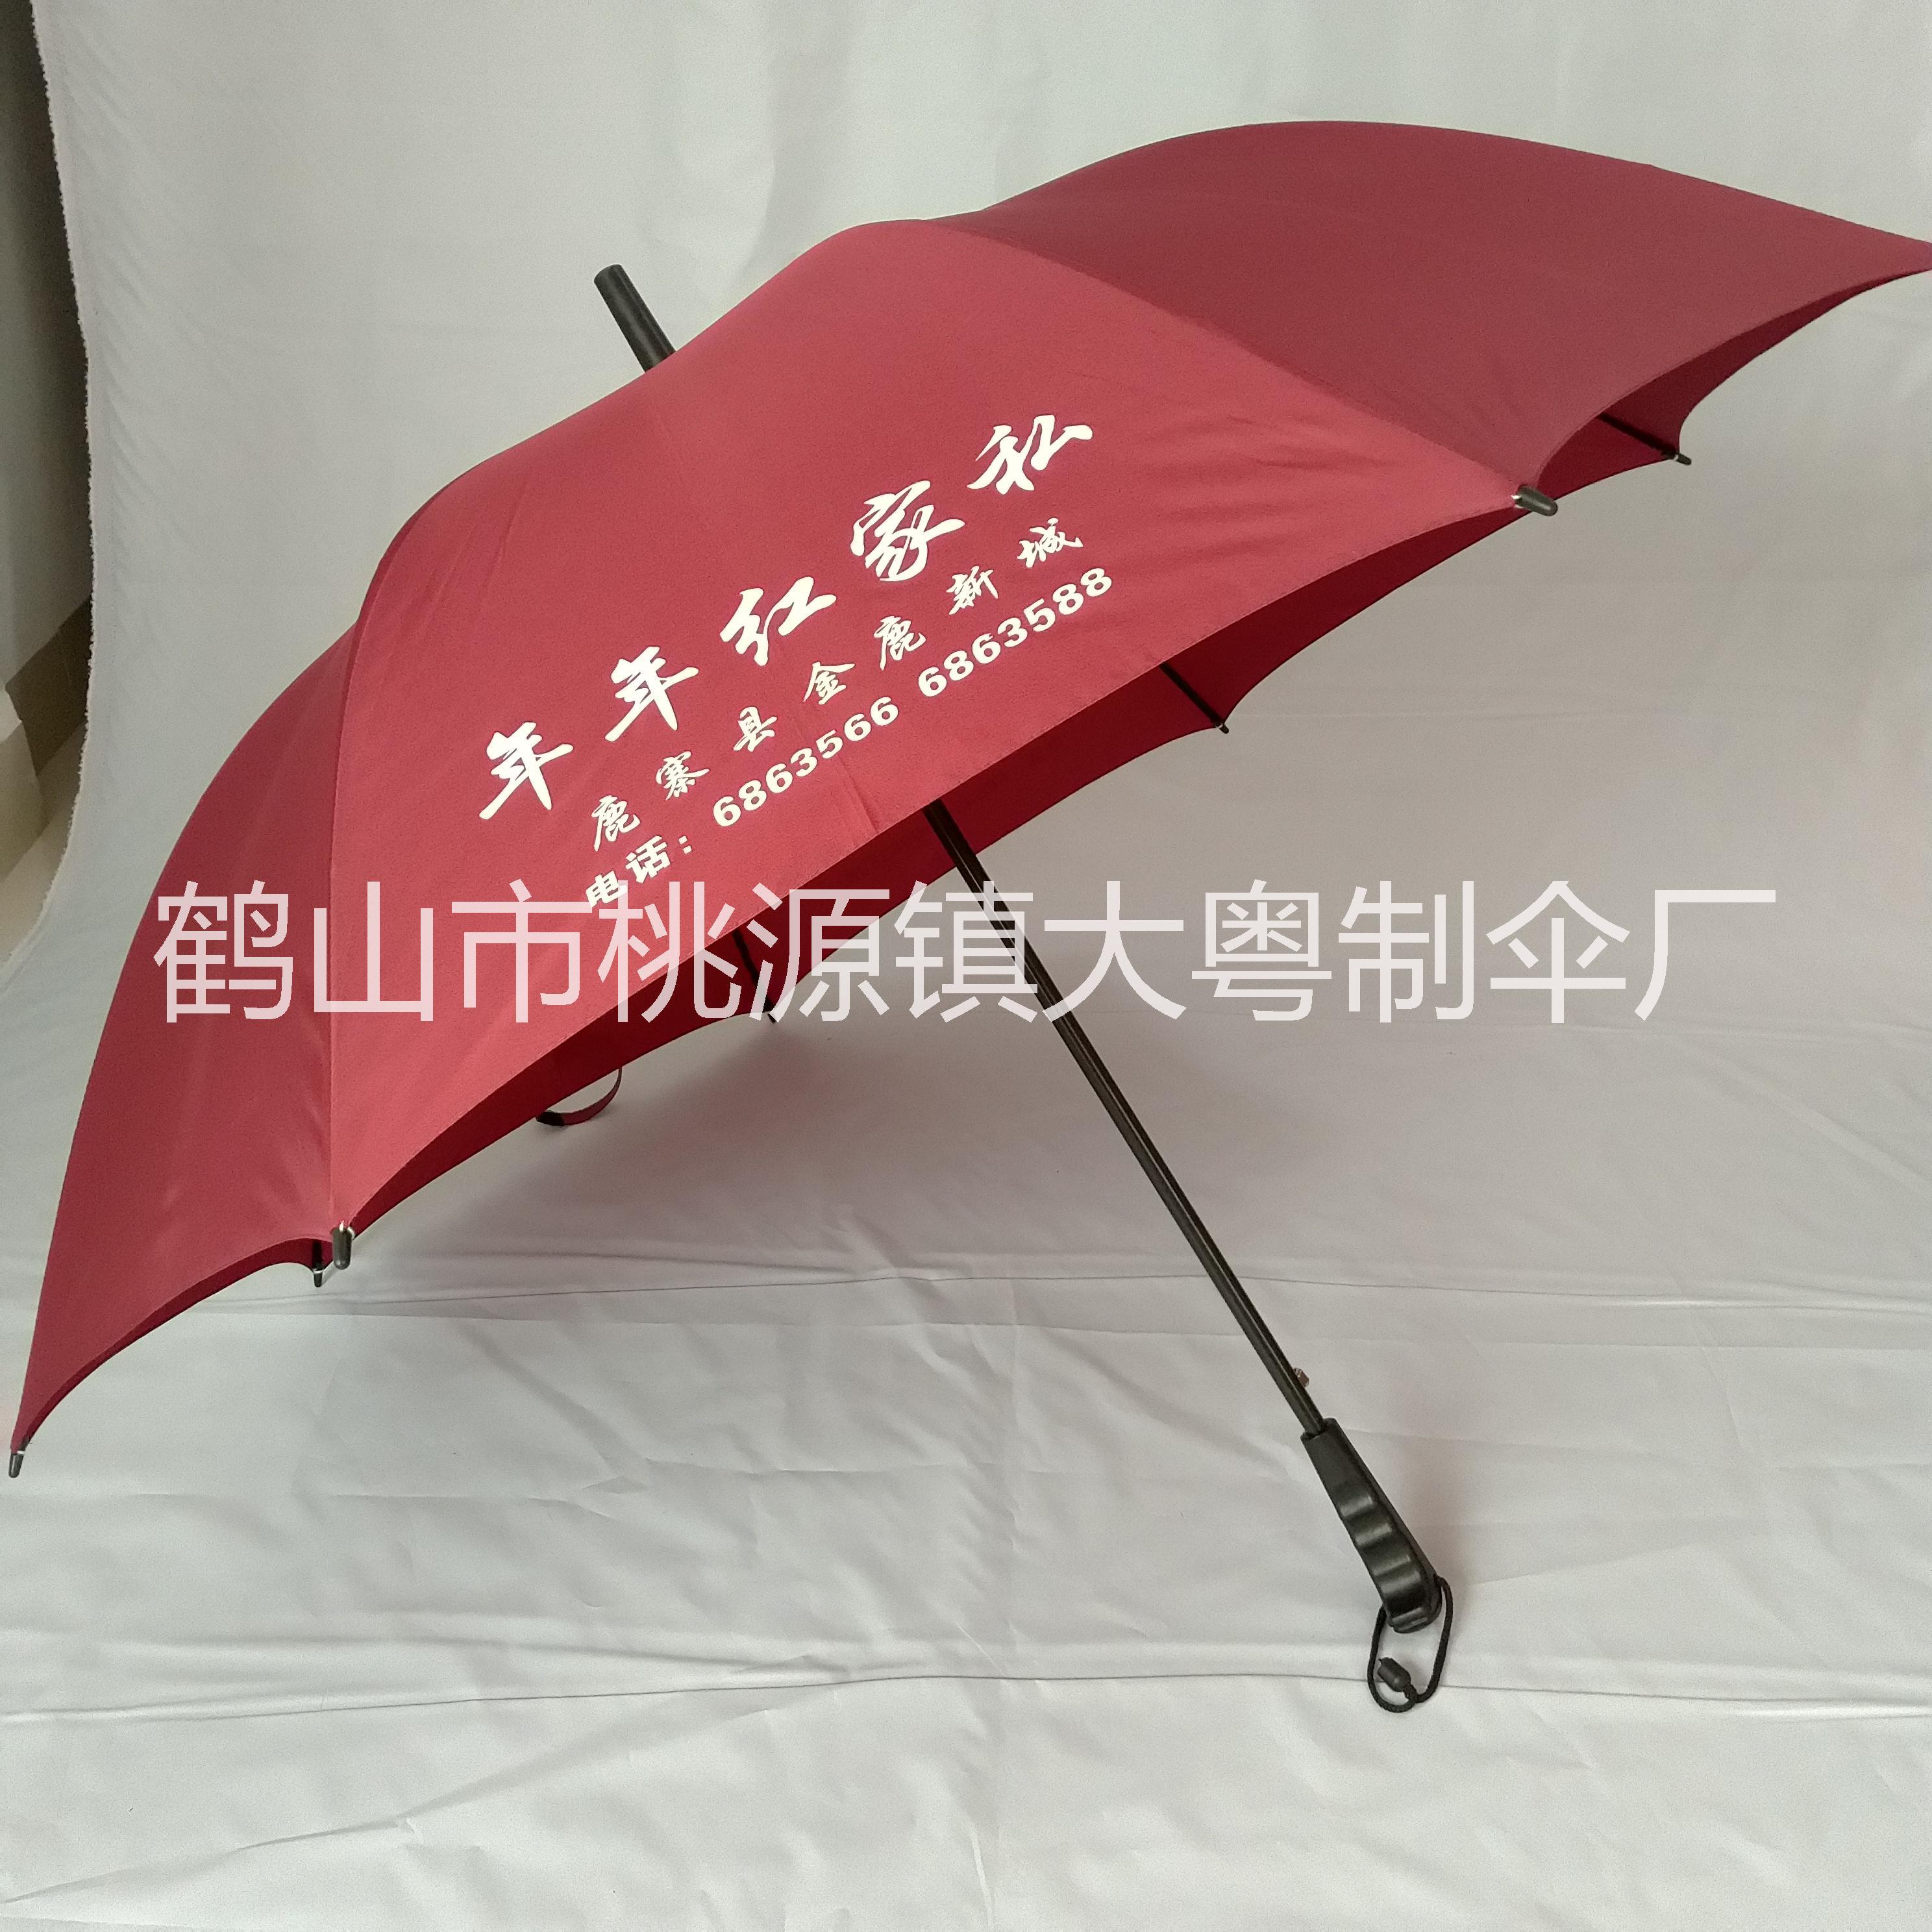 深圳雨伞工厂直销 广告雨伞制作厂家 广告伞价格 定做广告雨伞免费设计 宣传礼品伞定制批发